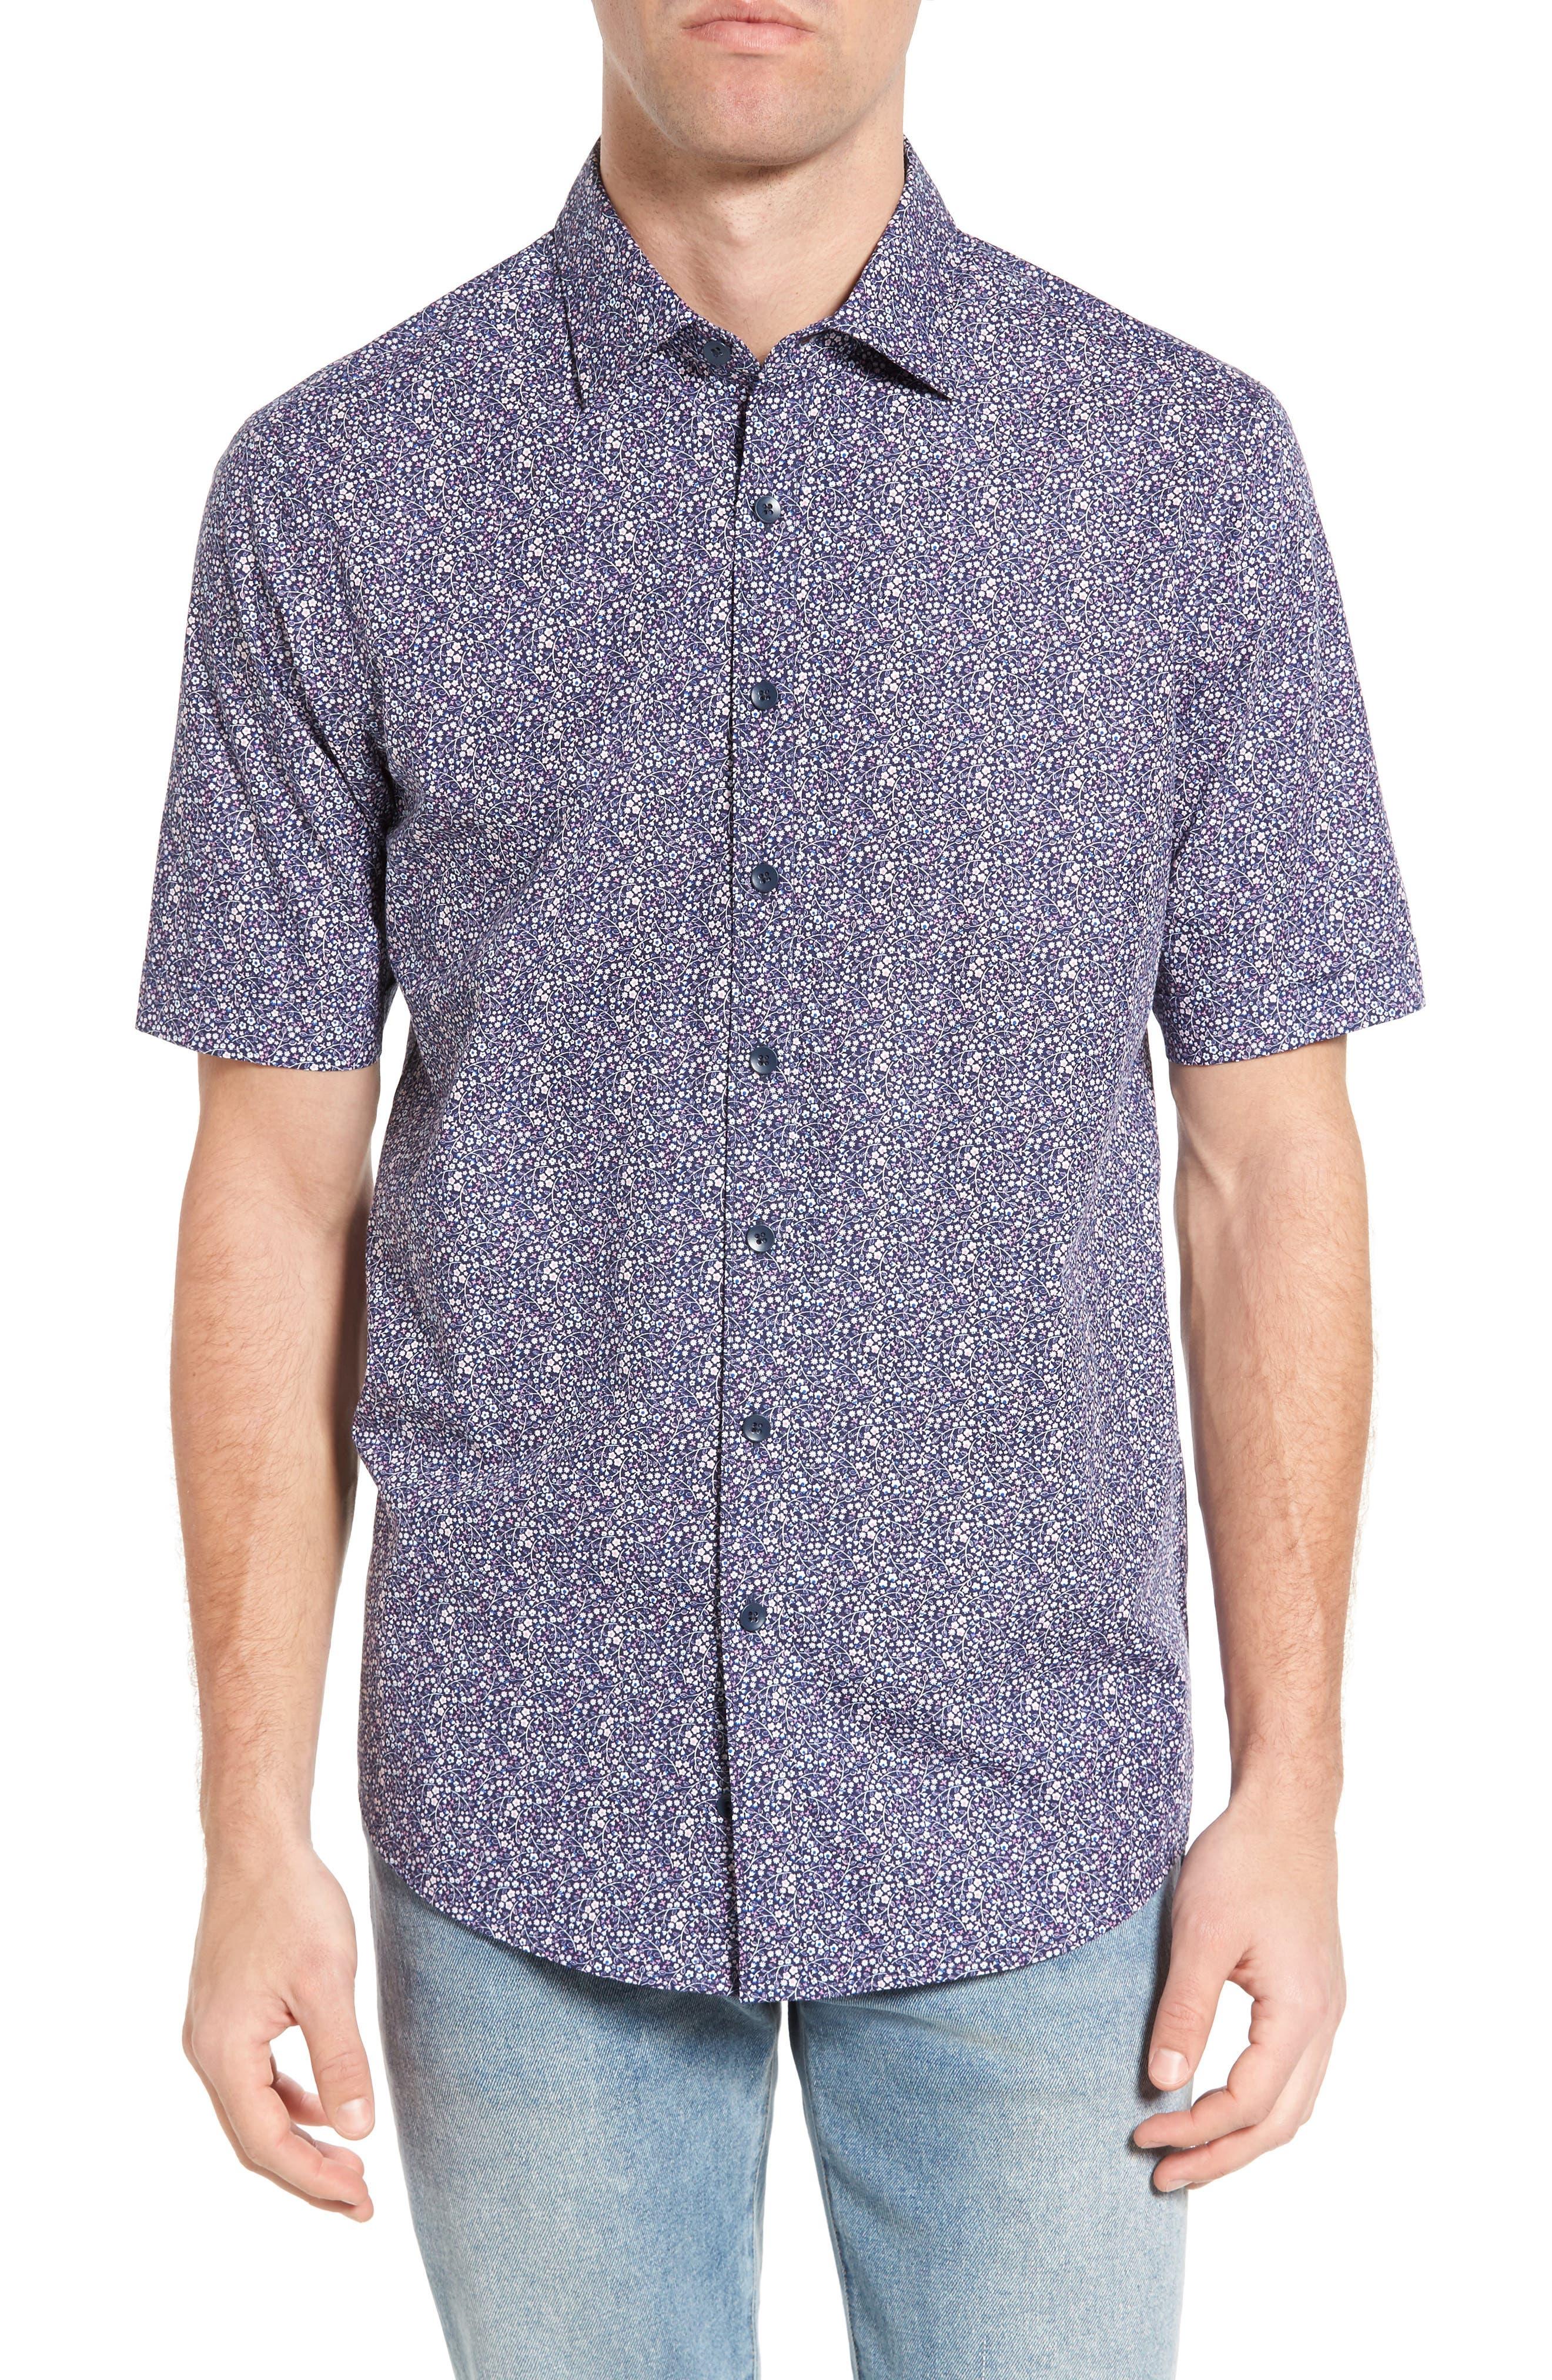 Lorneville Original Fit Sport Shirt,                         Main,                         color, 423